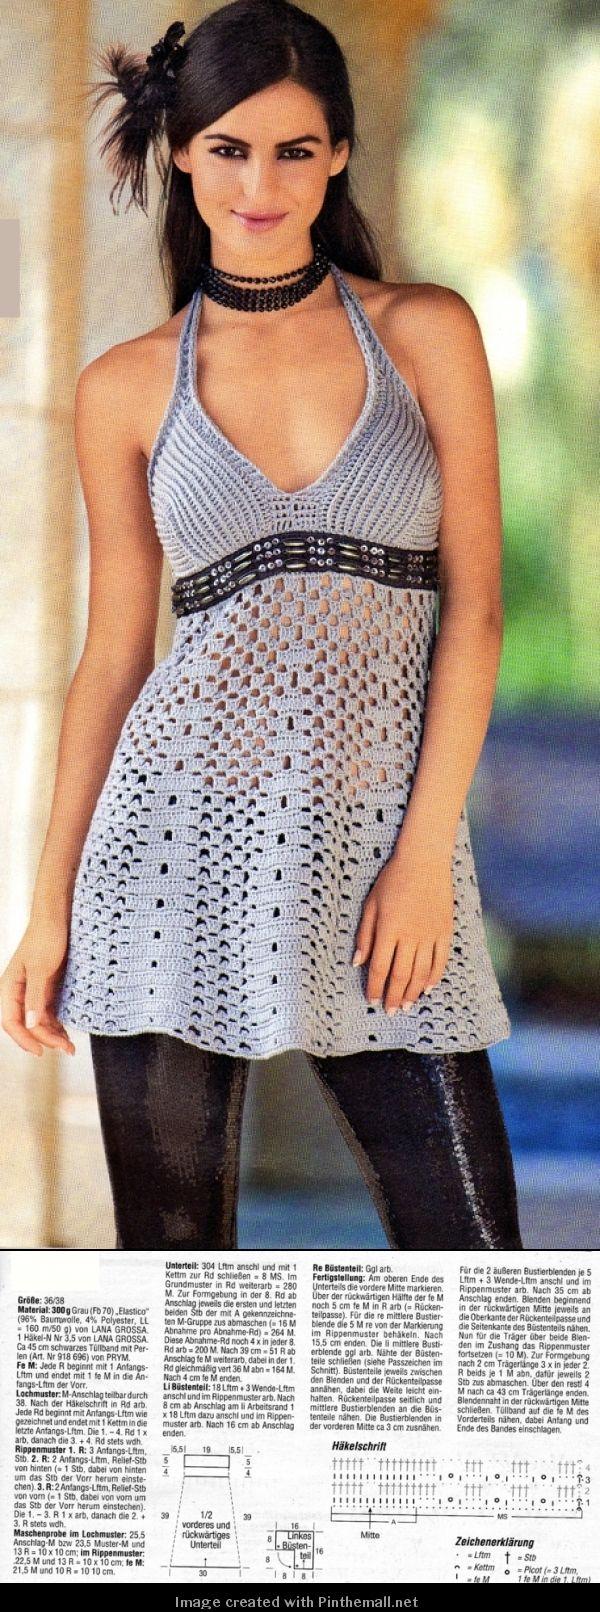 Halter+top+crochet.+-+created+via+http://pinthemall.net